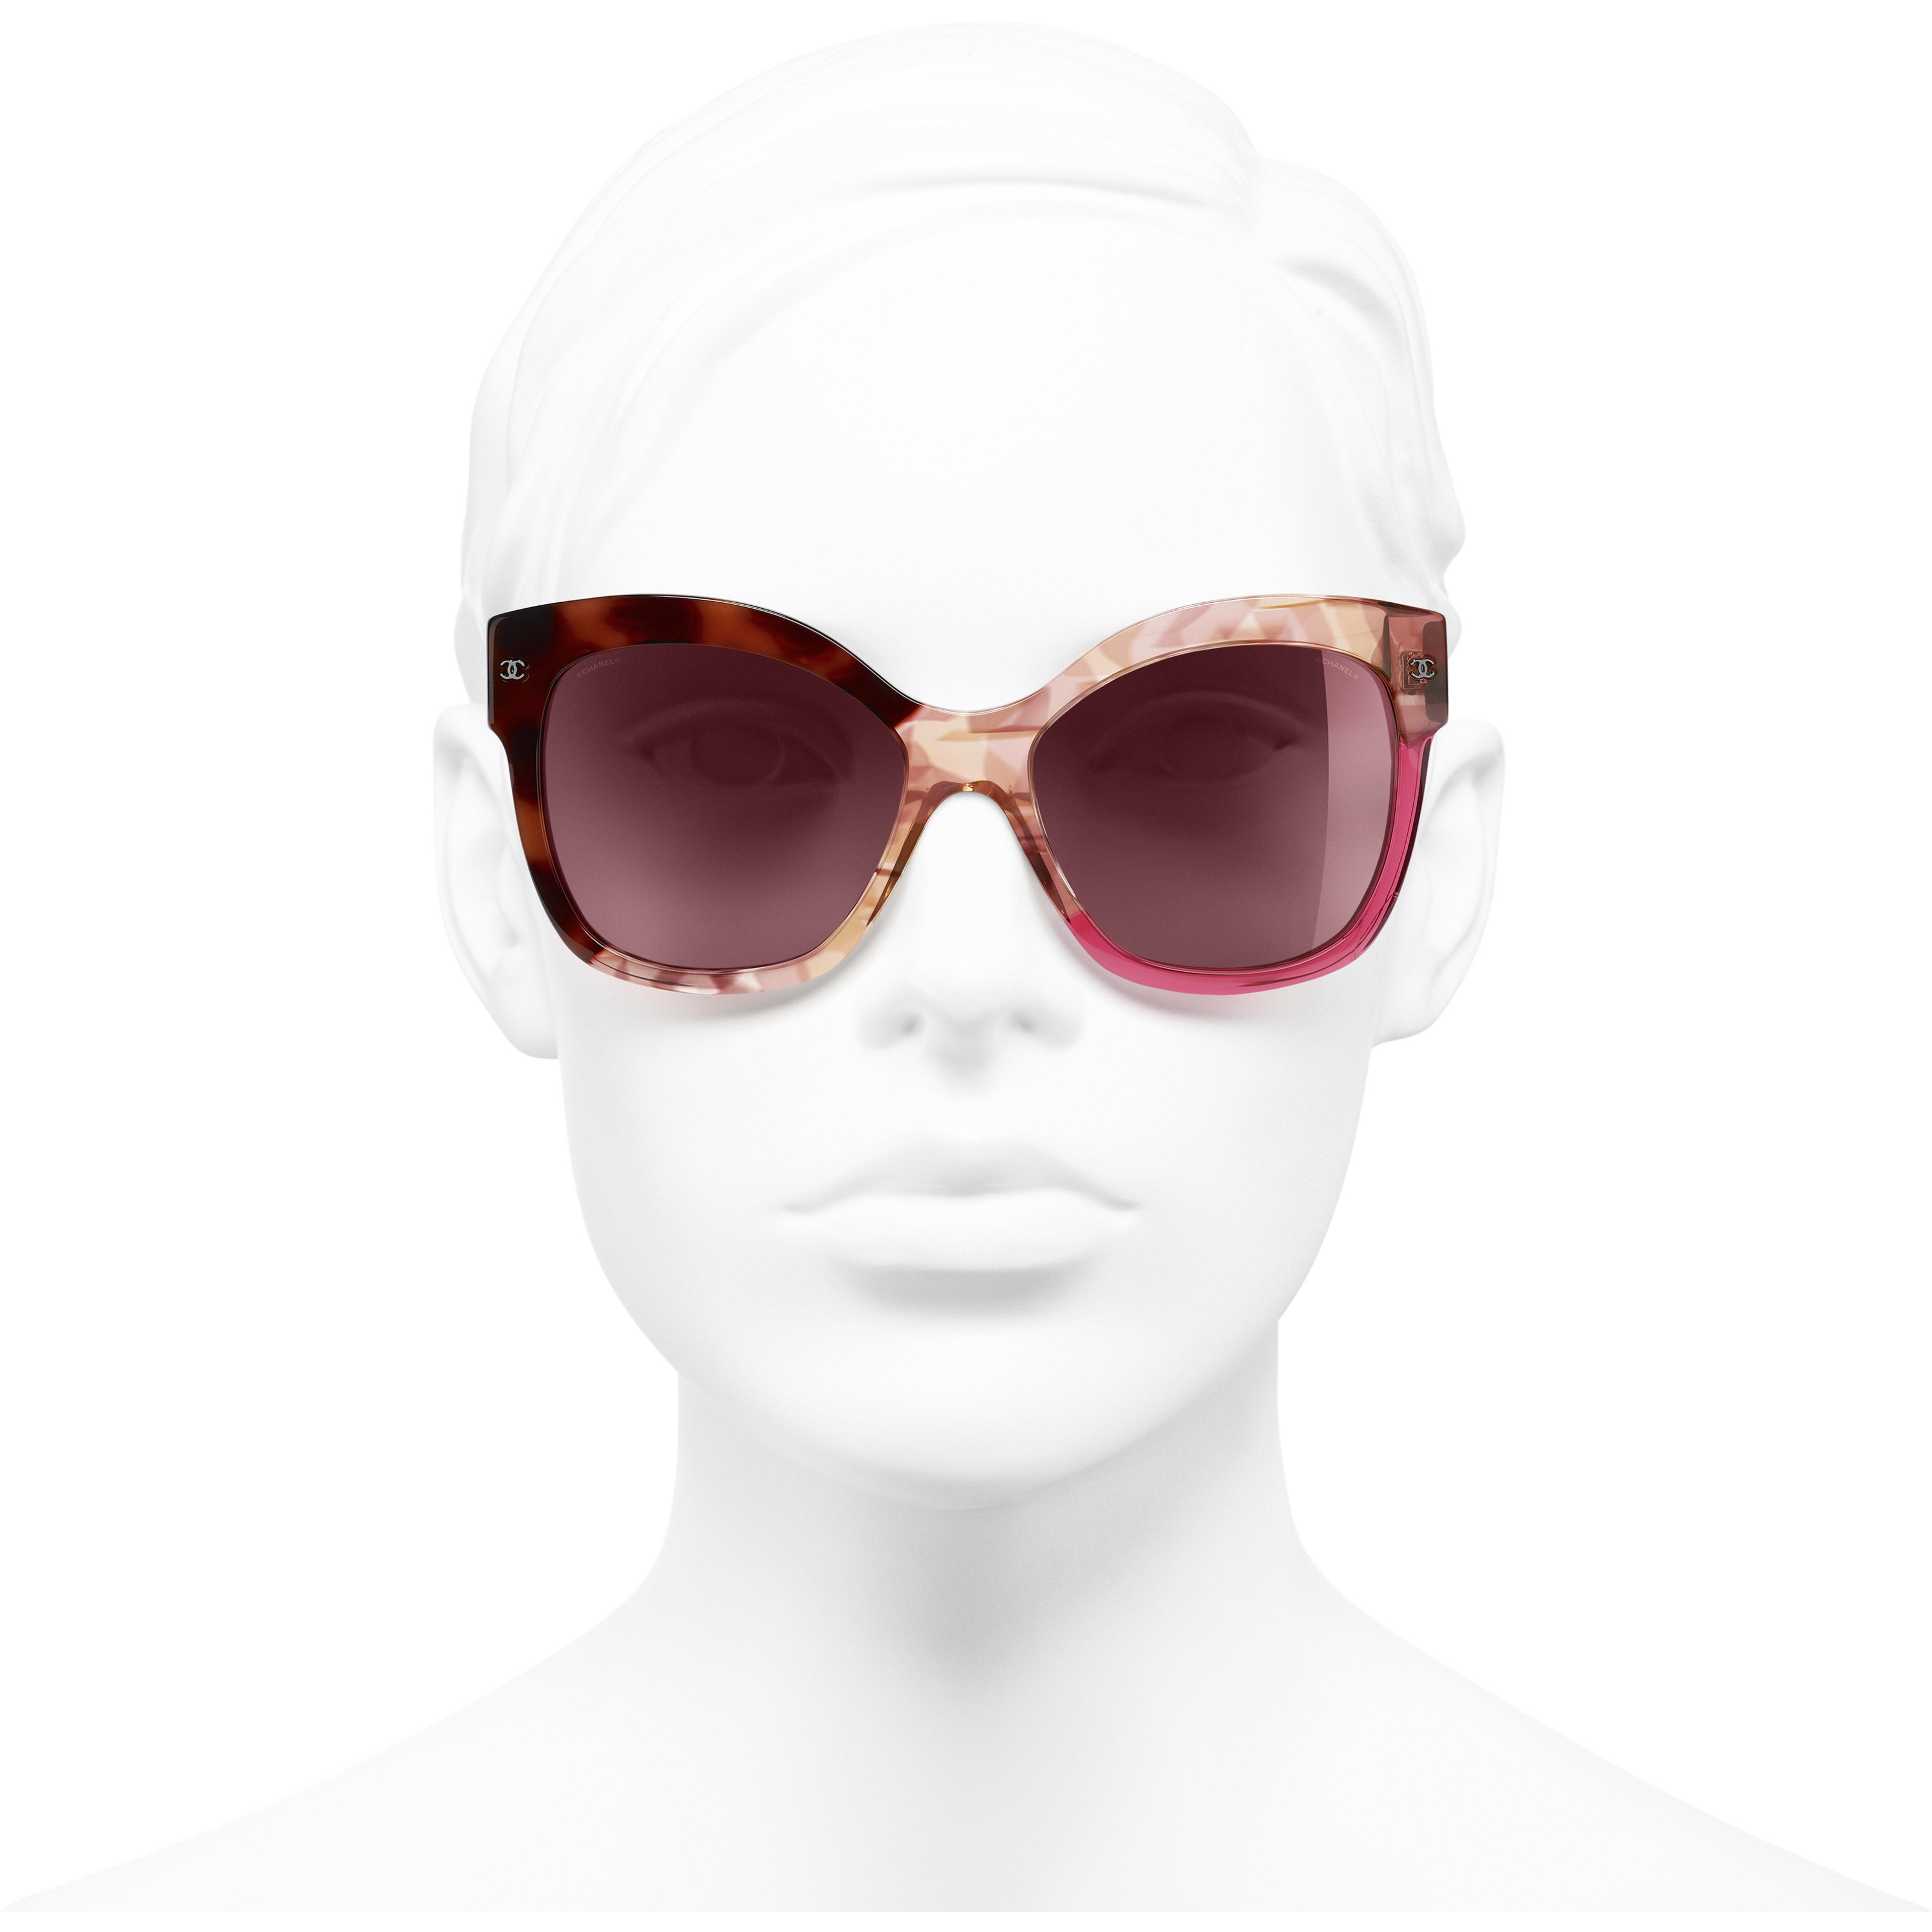 Okulary przeciwsłoneczne motyle - Kolor ciemnoszylkretowy i różowy - Acetat - Widok od przodu – zobacz w standardowym rozmiarze